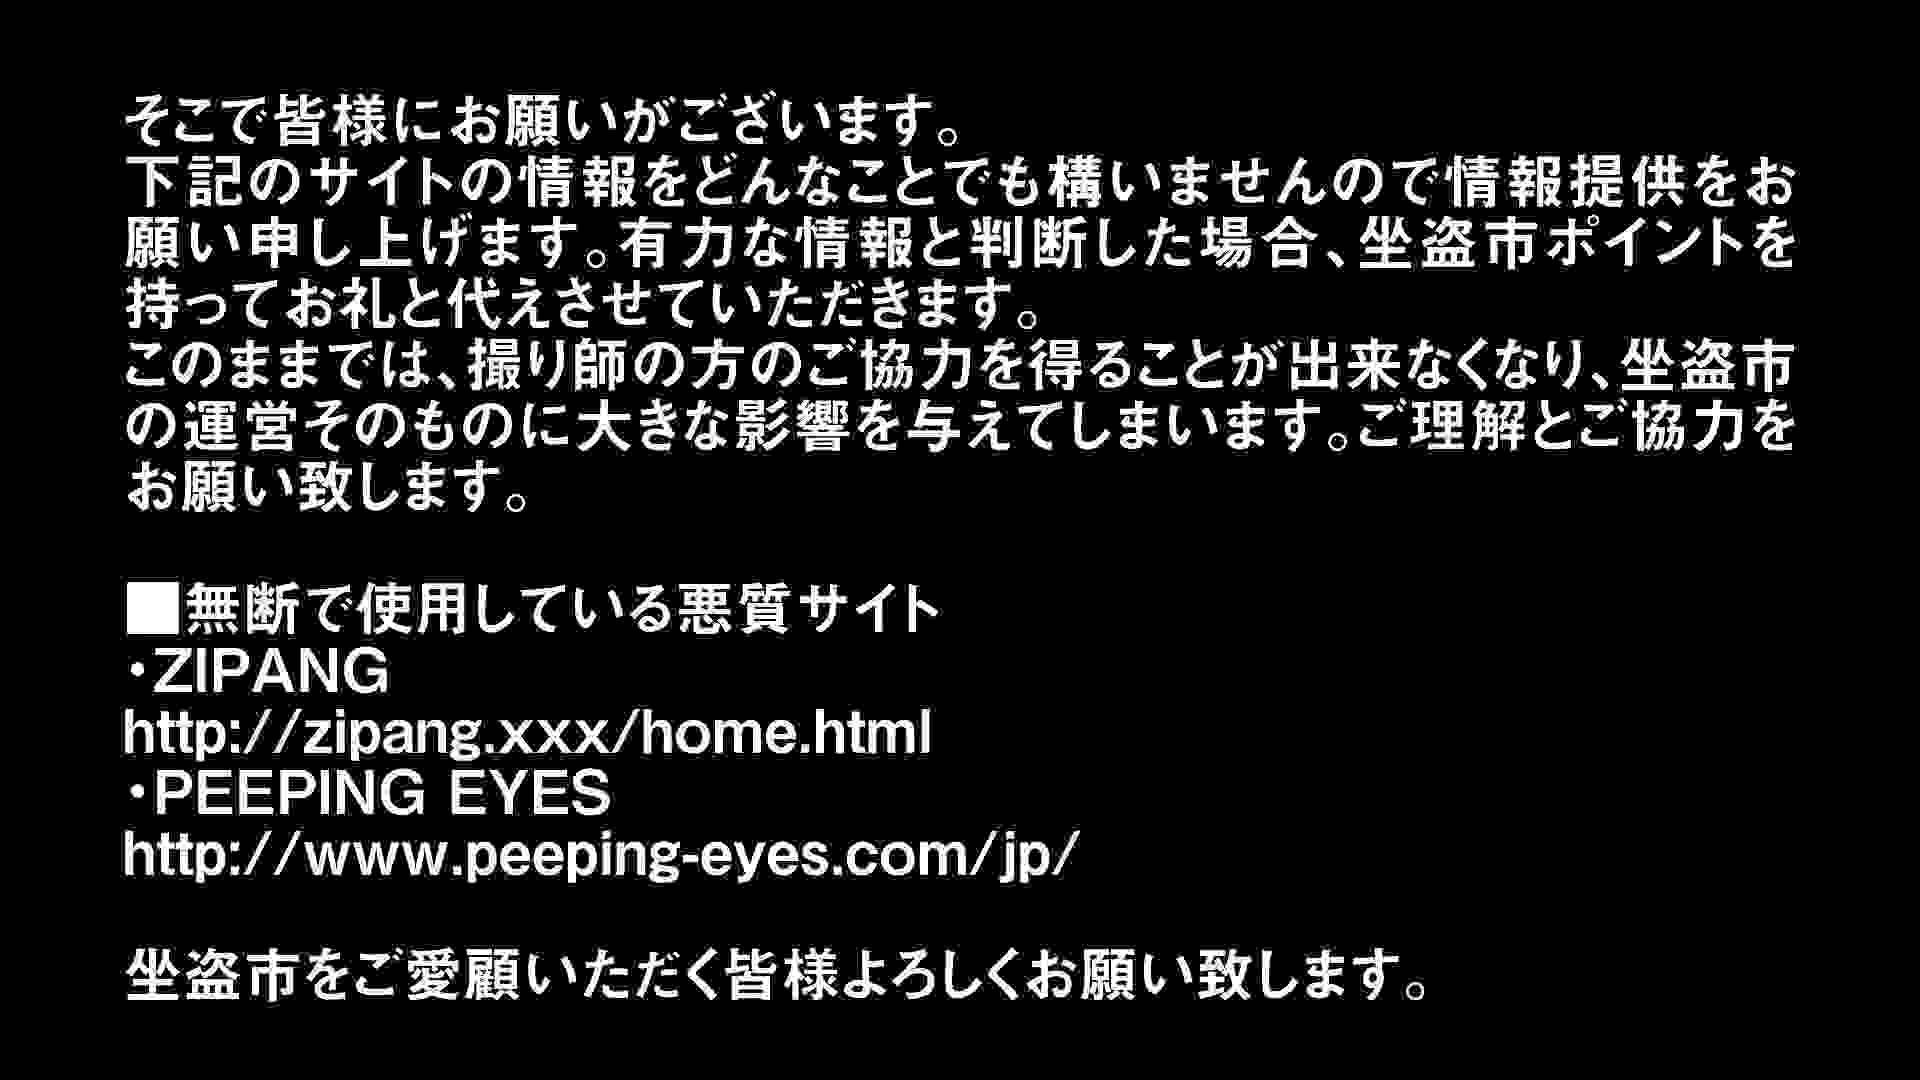 Aquaな露天風呂Vol.303 盗撮   OLのエロ生活  70連発 1